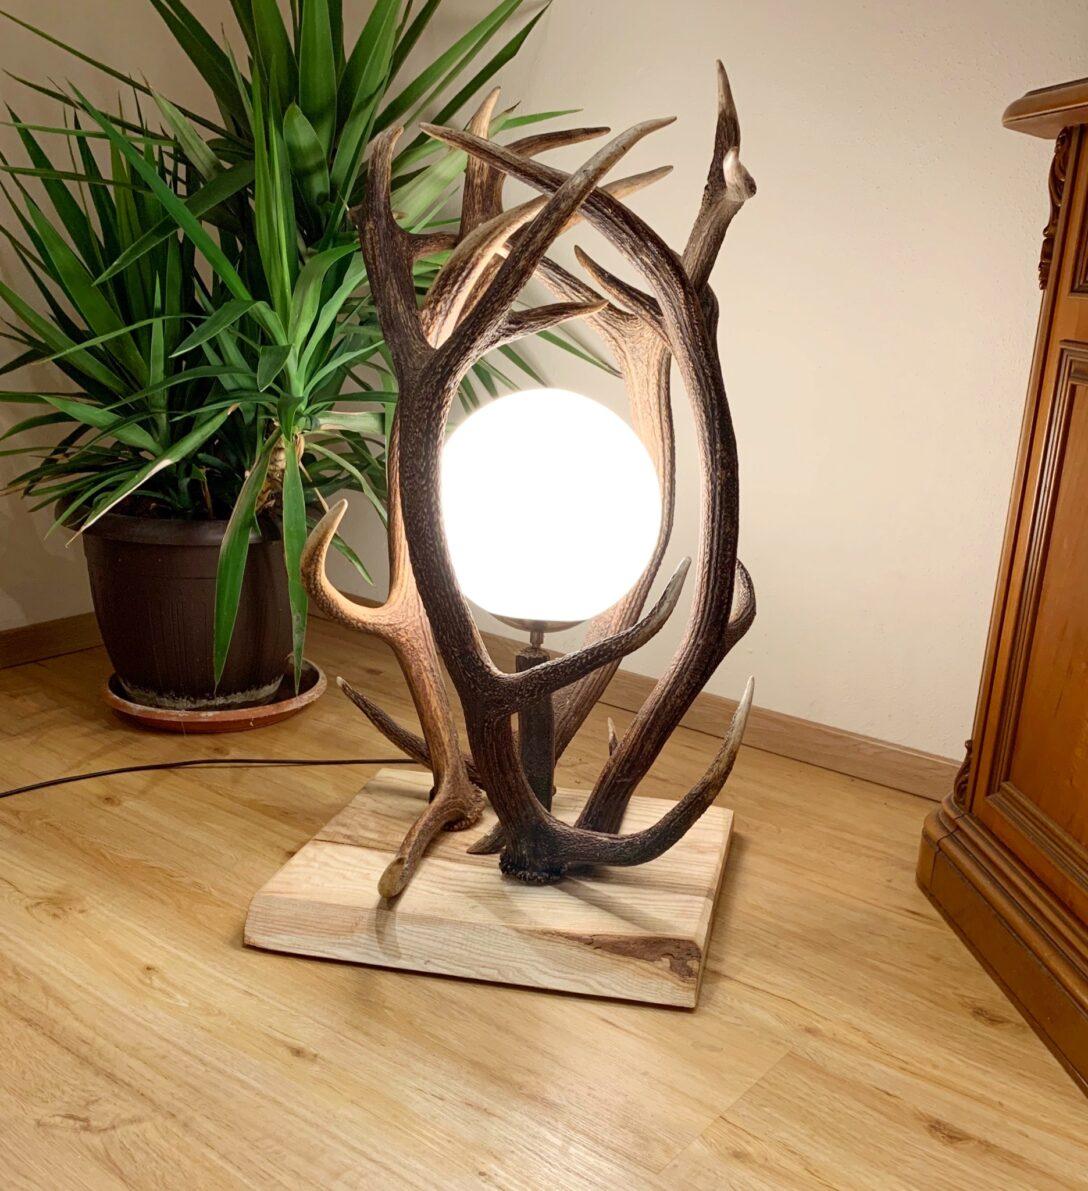 Large Size of Stehlampe Modern Chalet Gefertigt Aus Geweih Und Eiche Oh My Deer Modernes Sofa Esstisch Moderne Deckenleuchte Wohnzimmer Bett 180x200 Schlafzimmer Bilder Wohnzimmer Stehlampe Modern